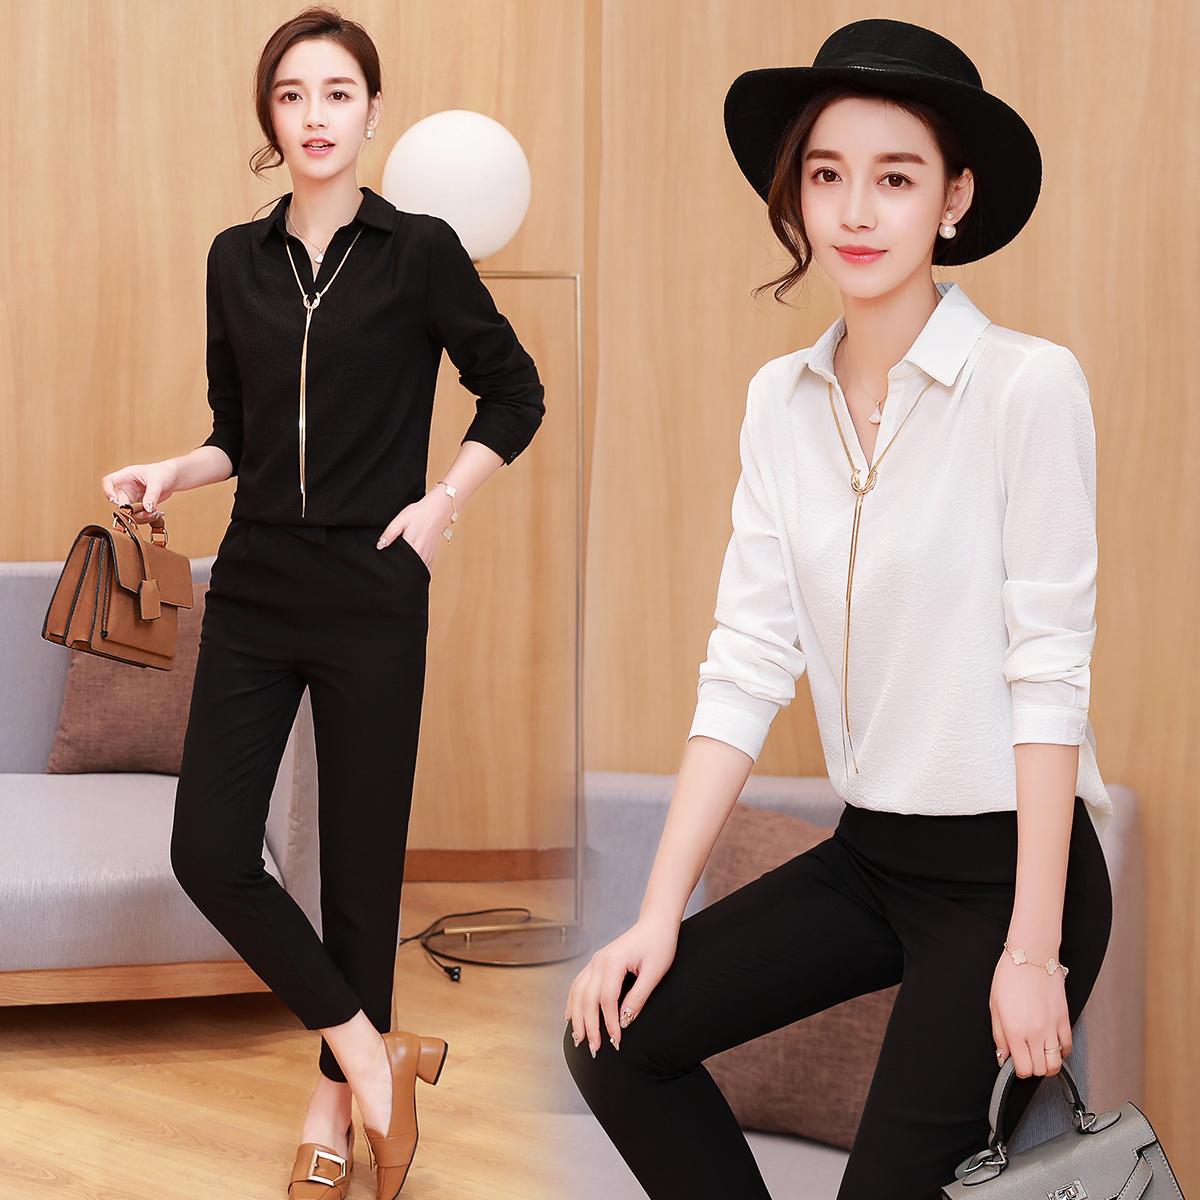 品牌18-25气质季两件套专柜新款春装气质专卖店女装春季套装韩版